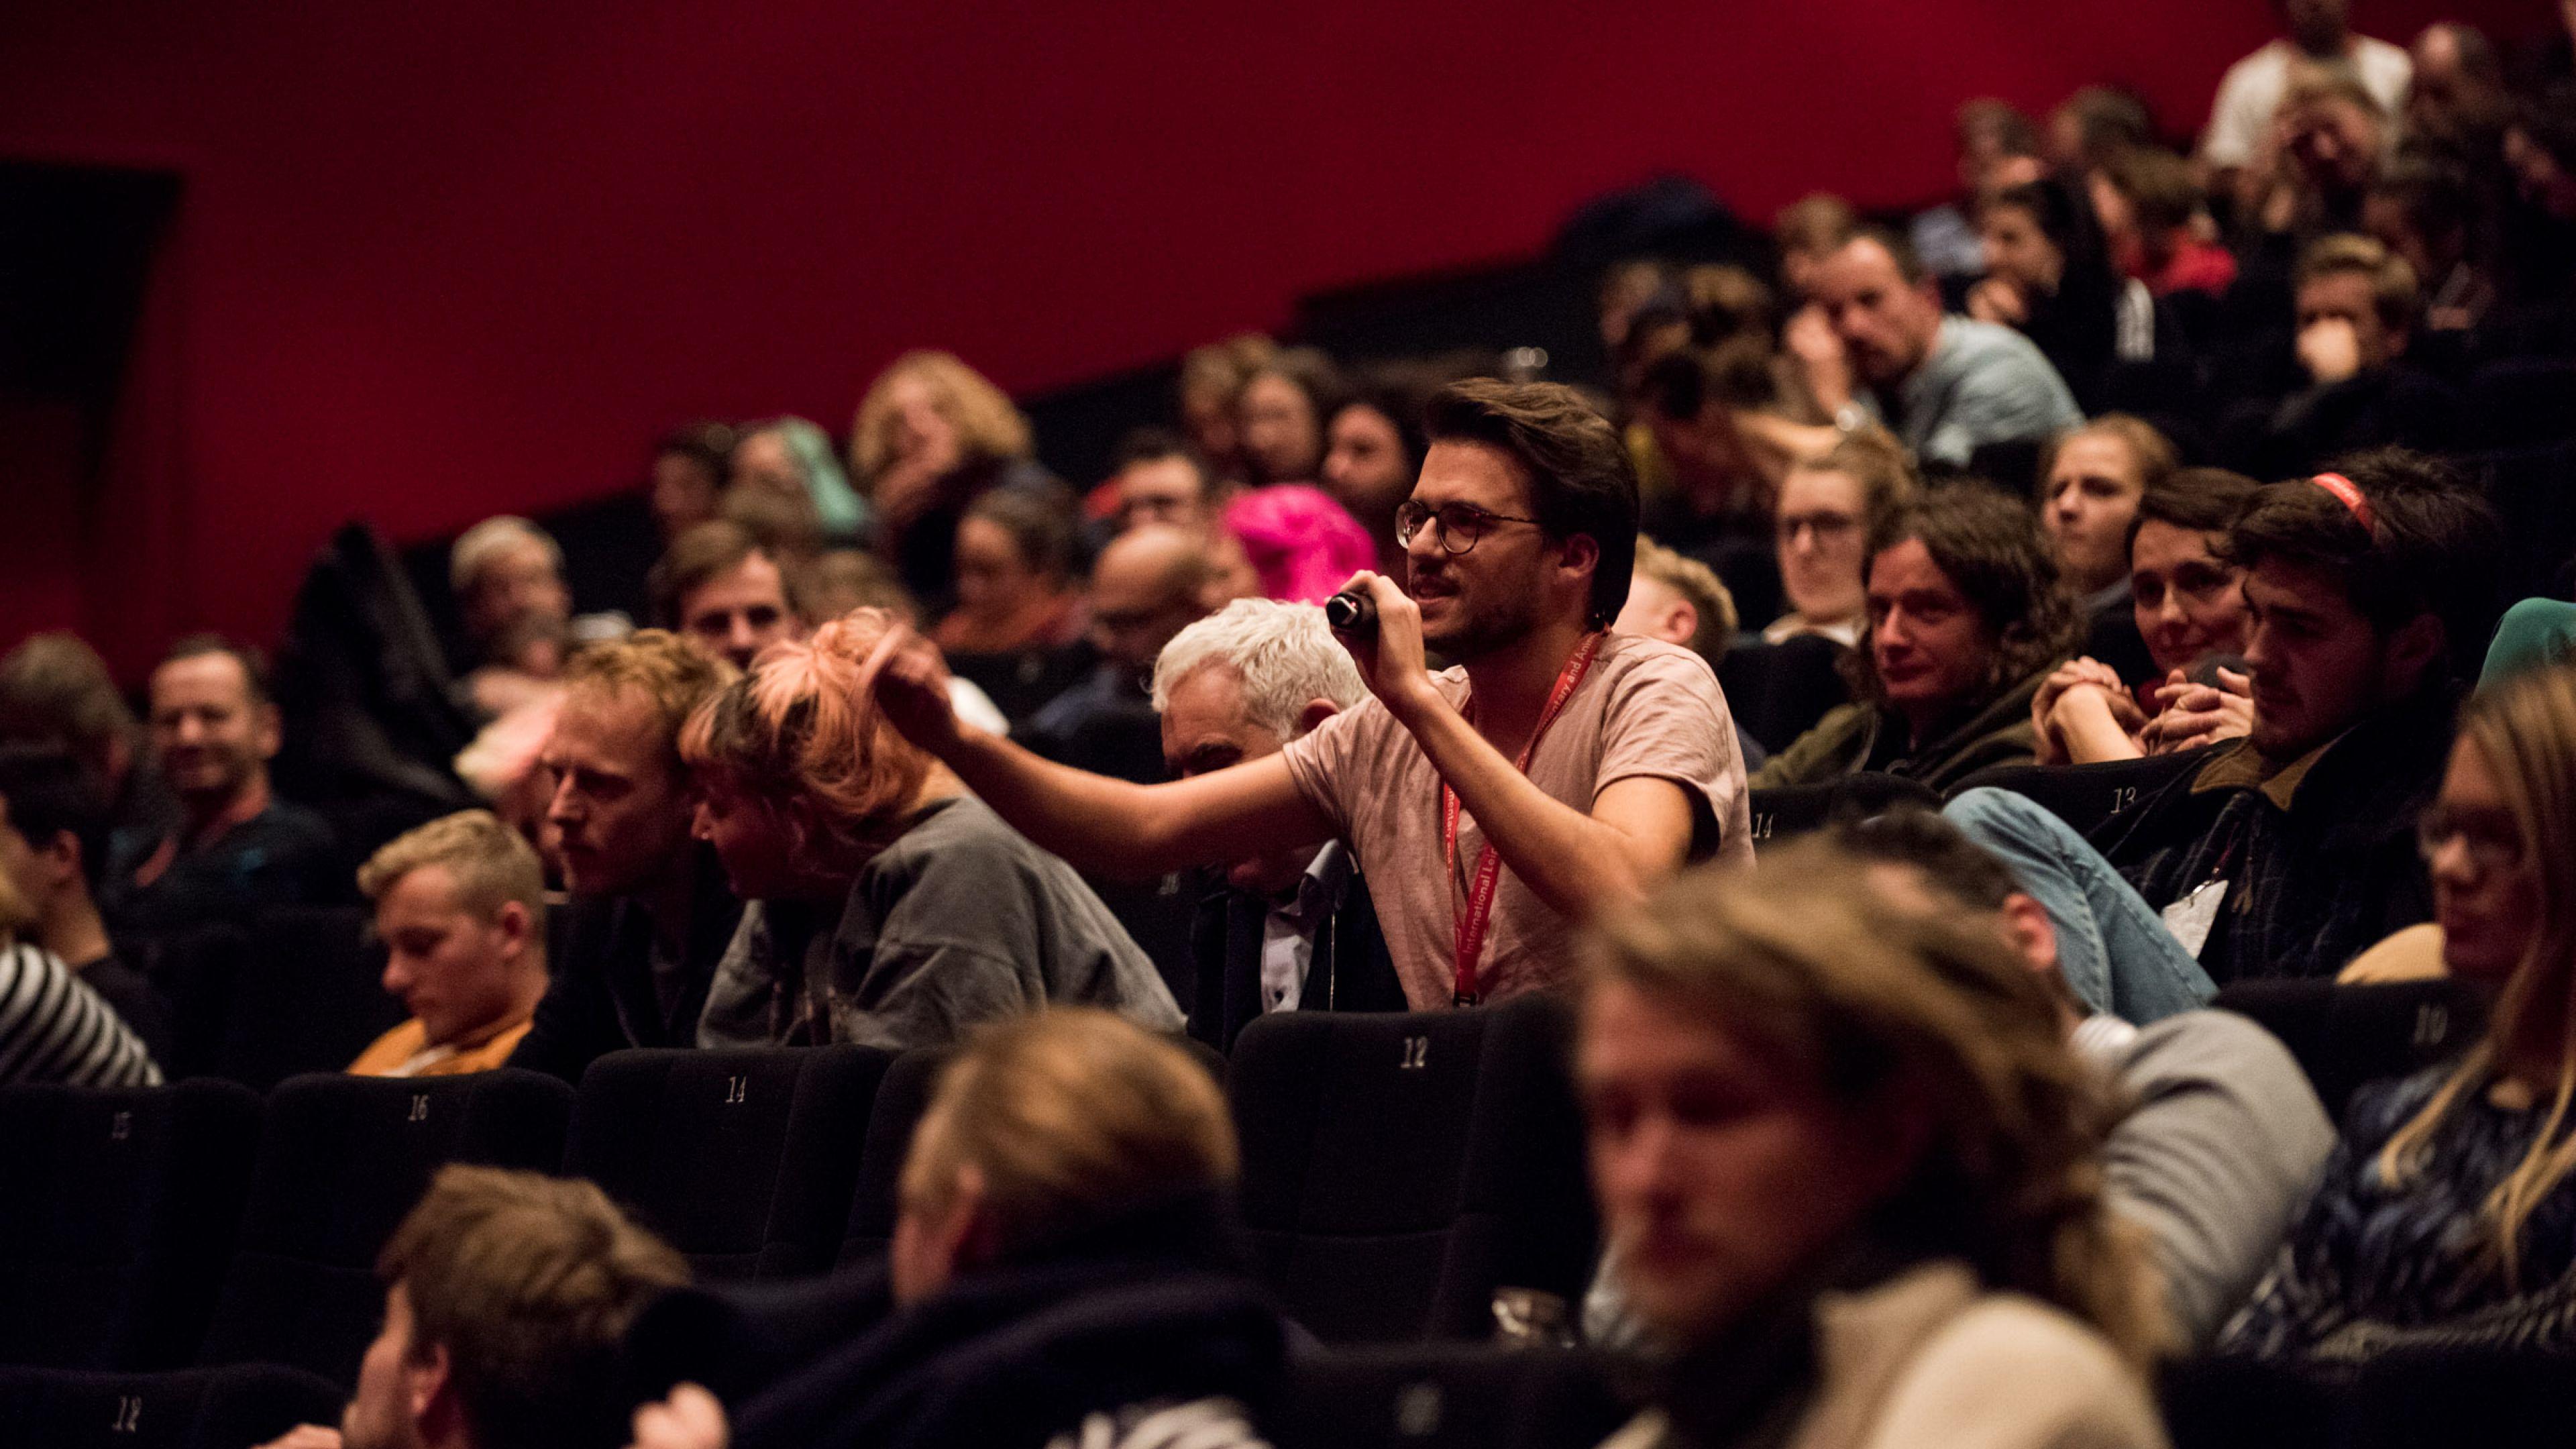 Blick ins gut gefüllte Kinopublikum, ein Mann in der Mitte spricht in ein Mikrofon